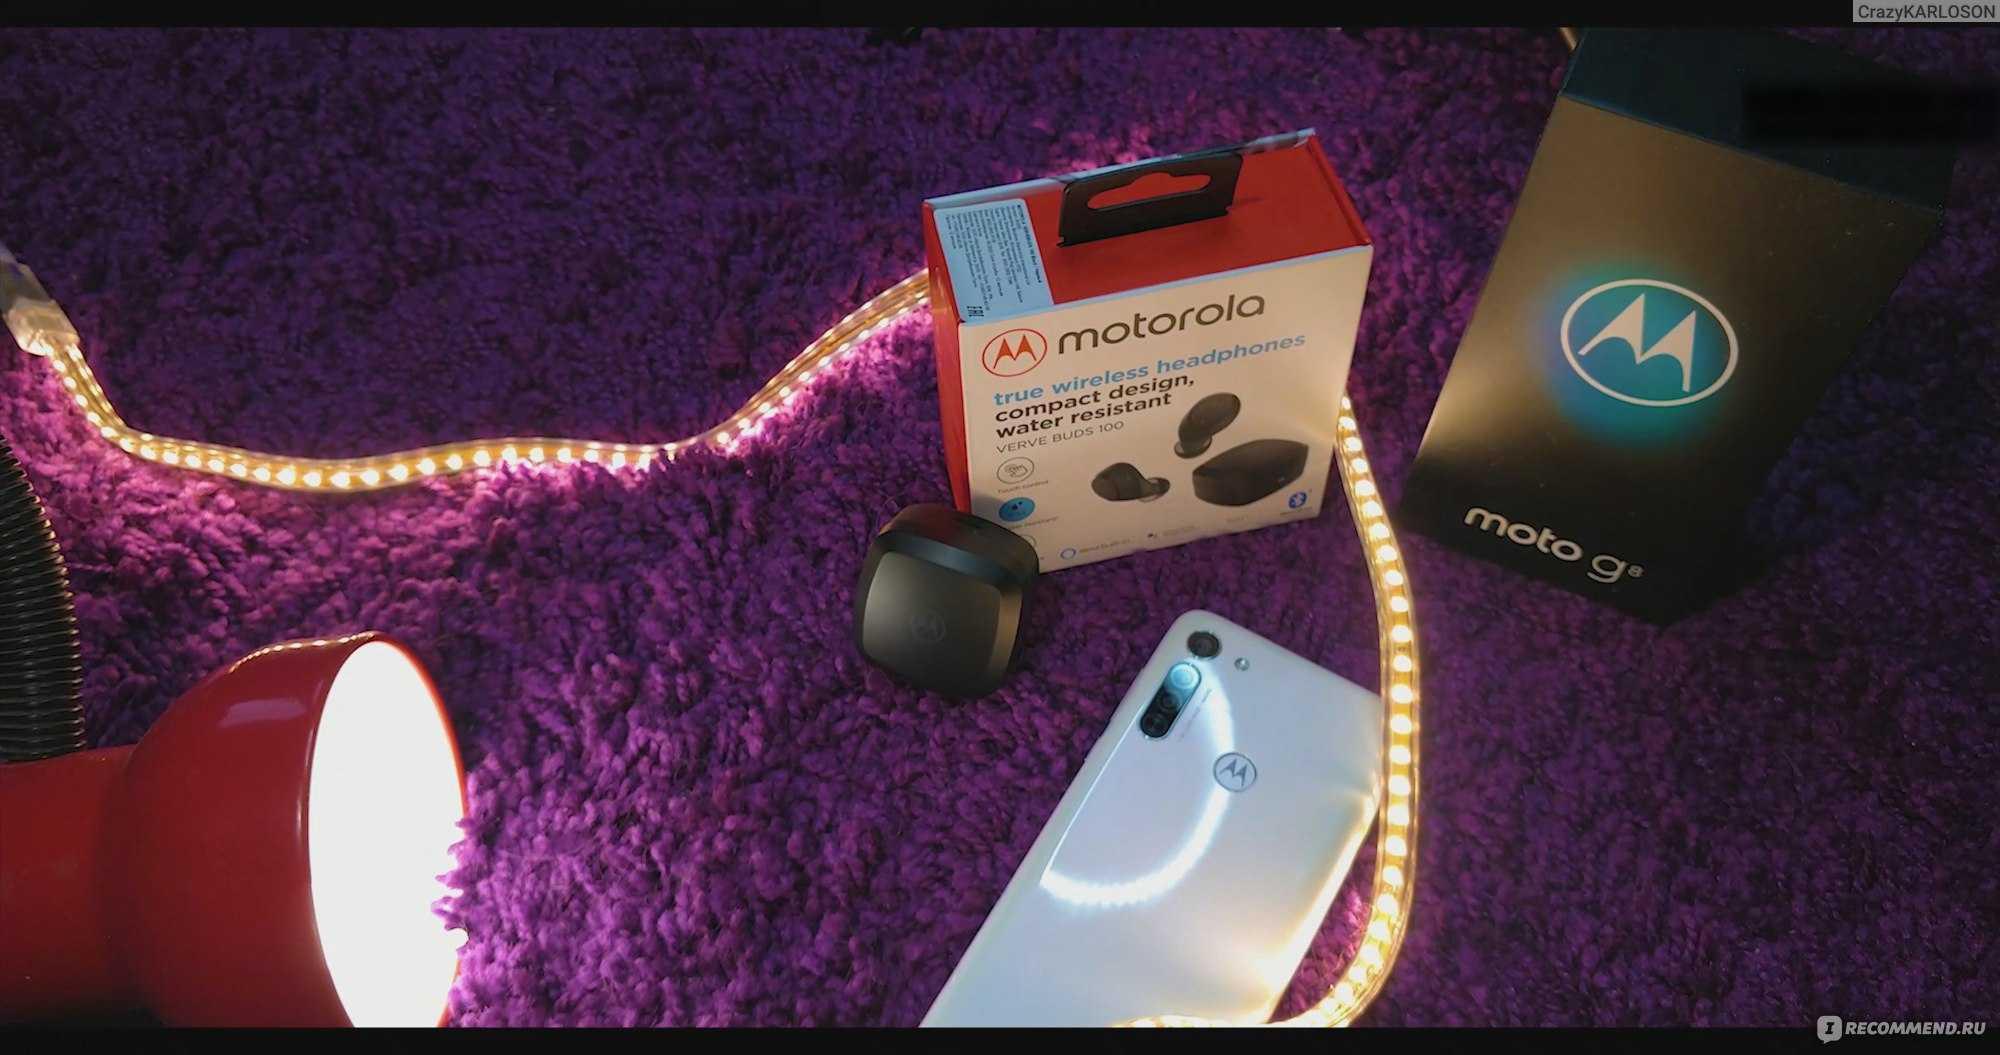 Обзор motorola vervebuds 300 - беспроводные наушники с качественной сборкой, где лучше купить и цена, минусы и плюсы и возможности